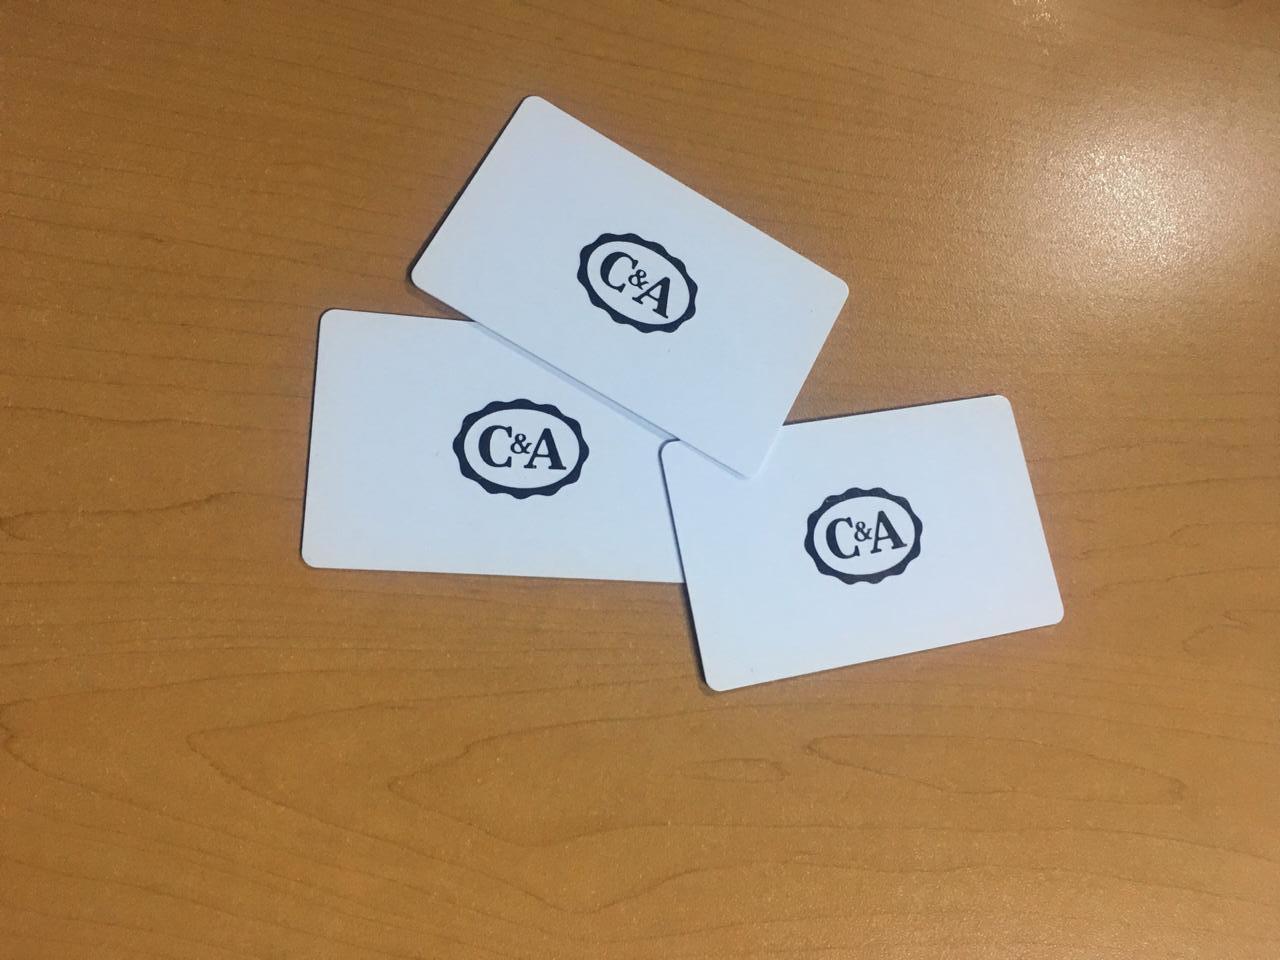 Trivia Gana Una De Las 3 Gift Cards Que C A Y Merca2 0 Tienen Para Ti